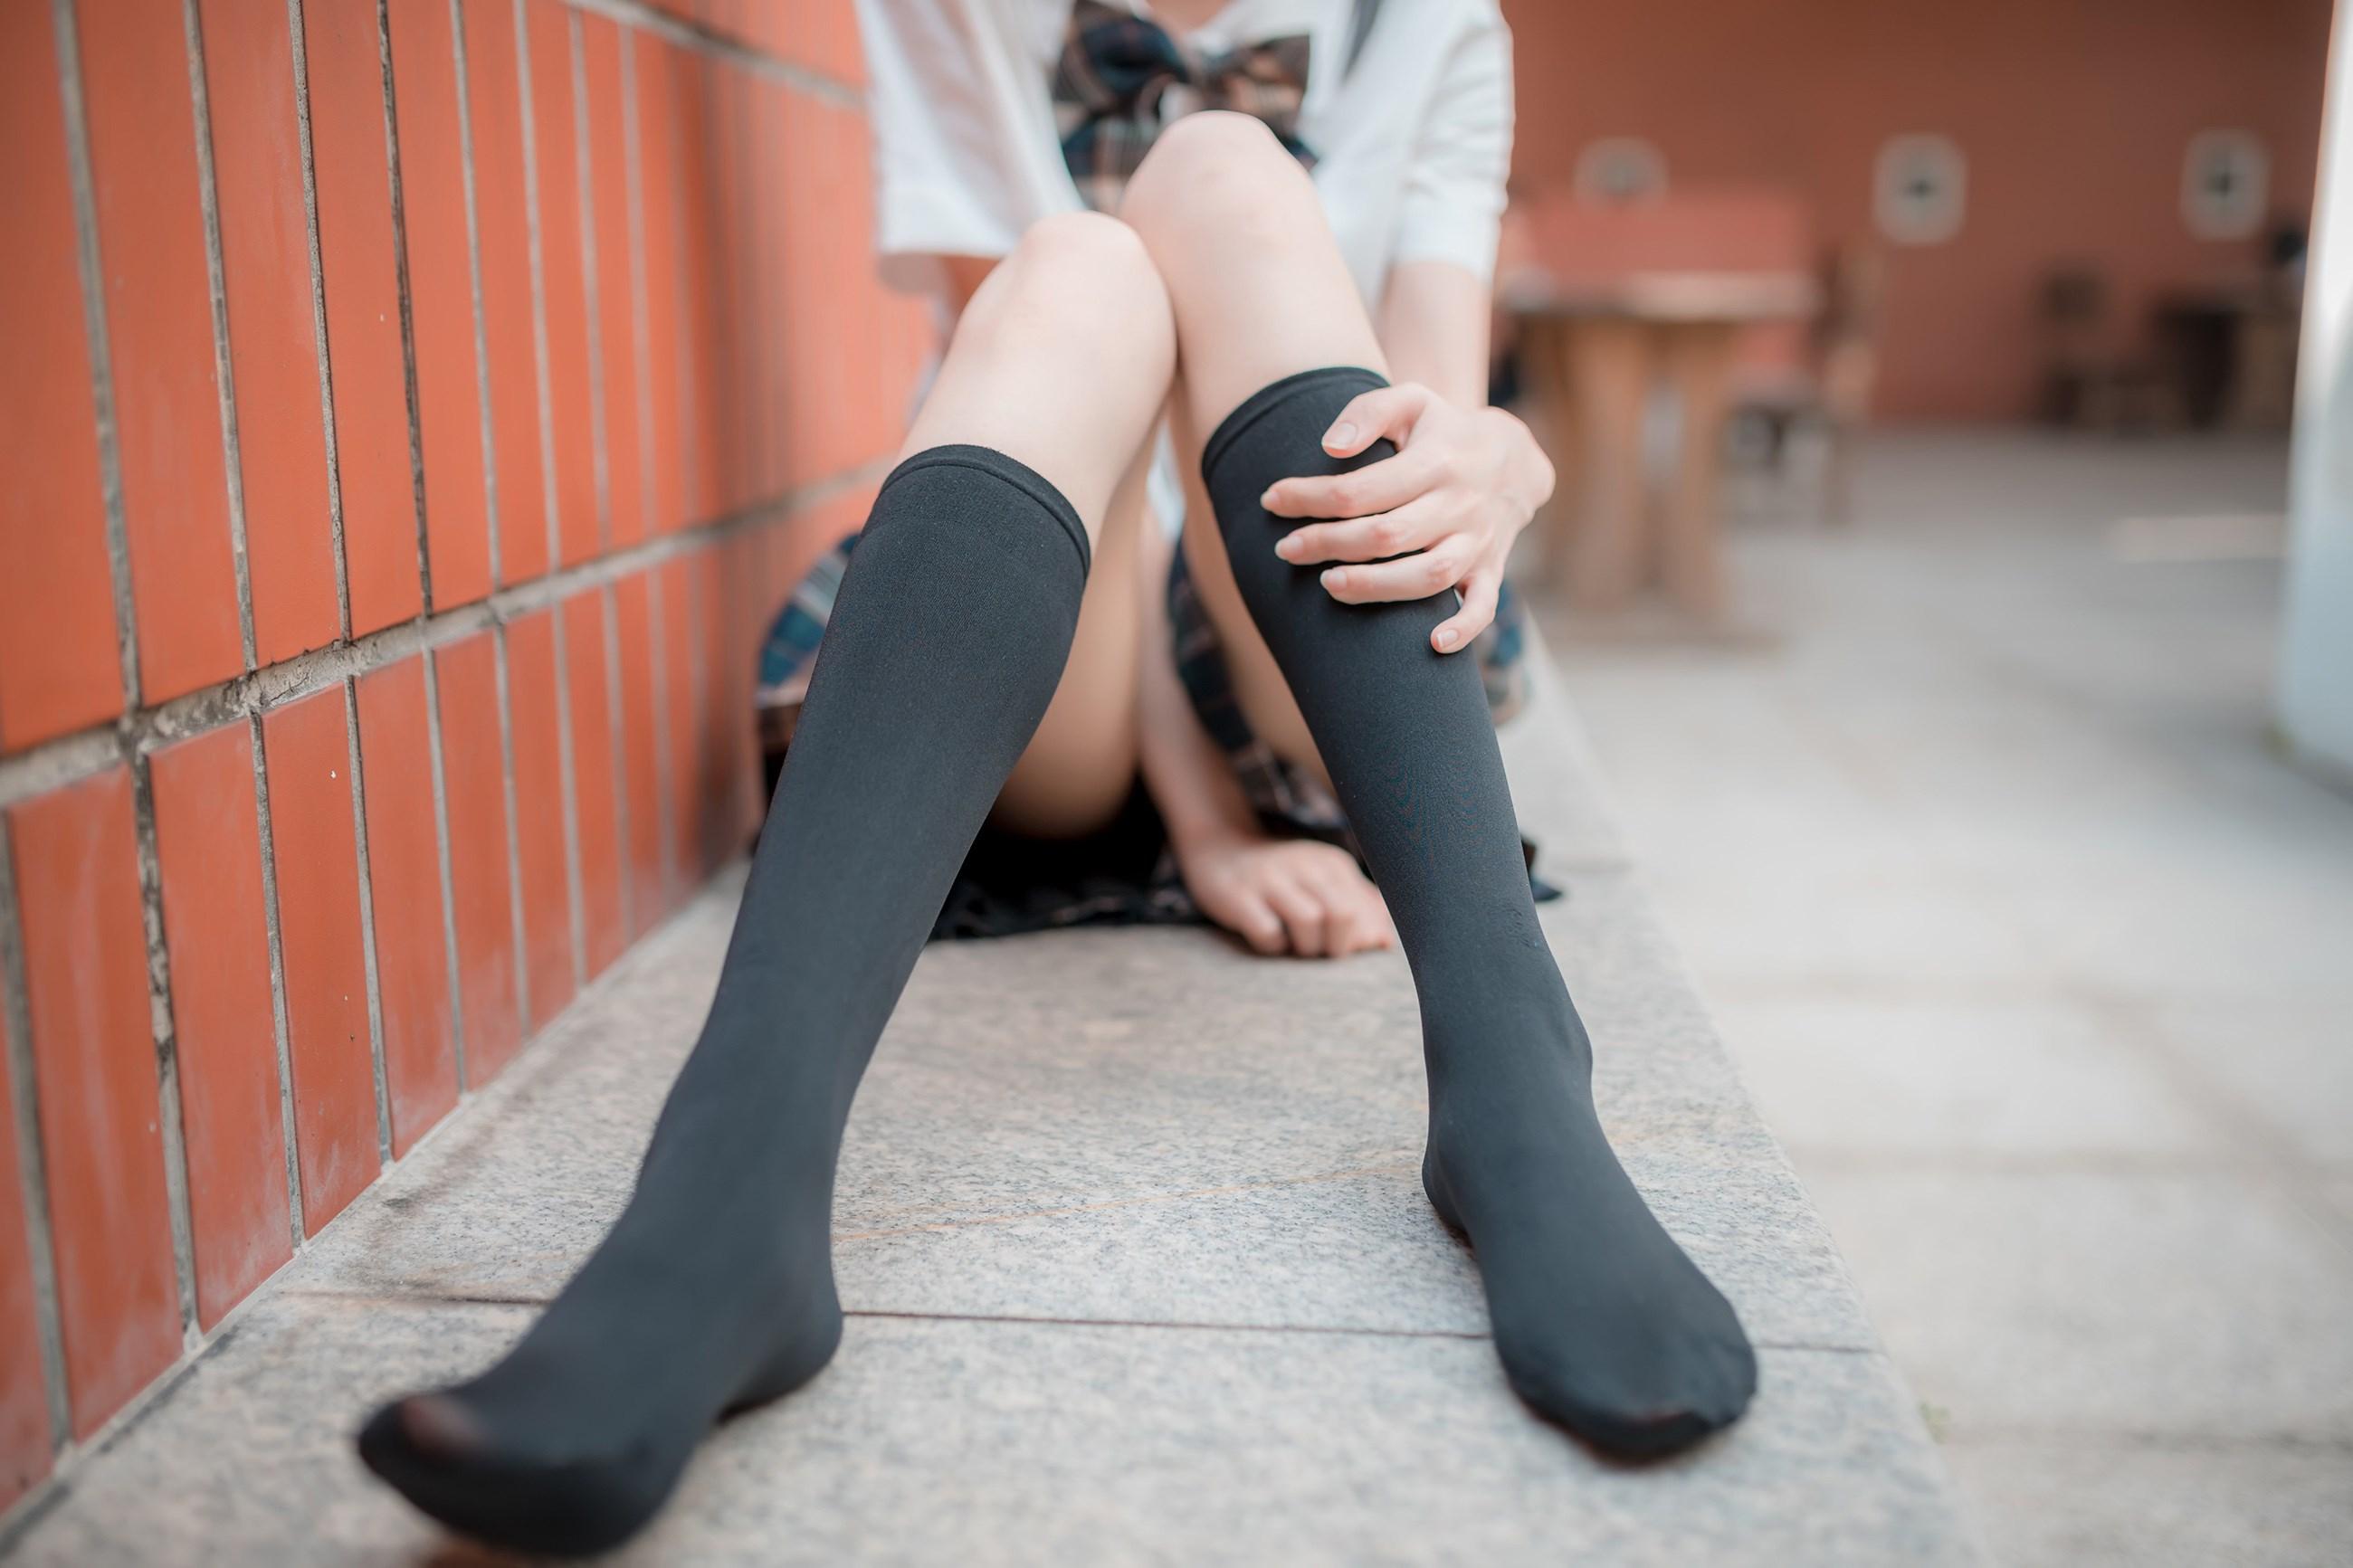 【兔玩映画】这腿超级细! 兔玩映画 第33张